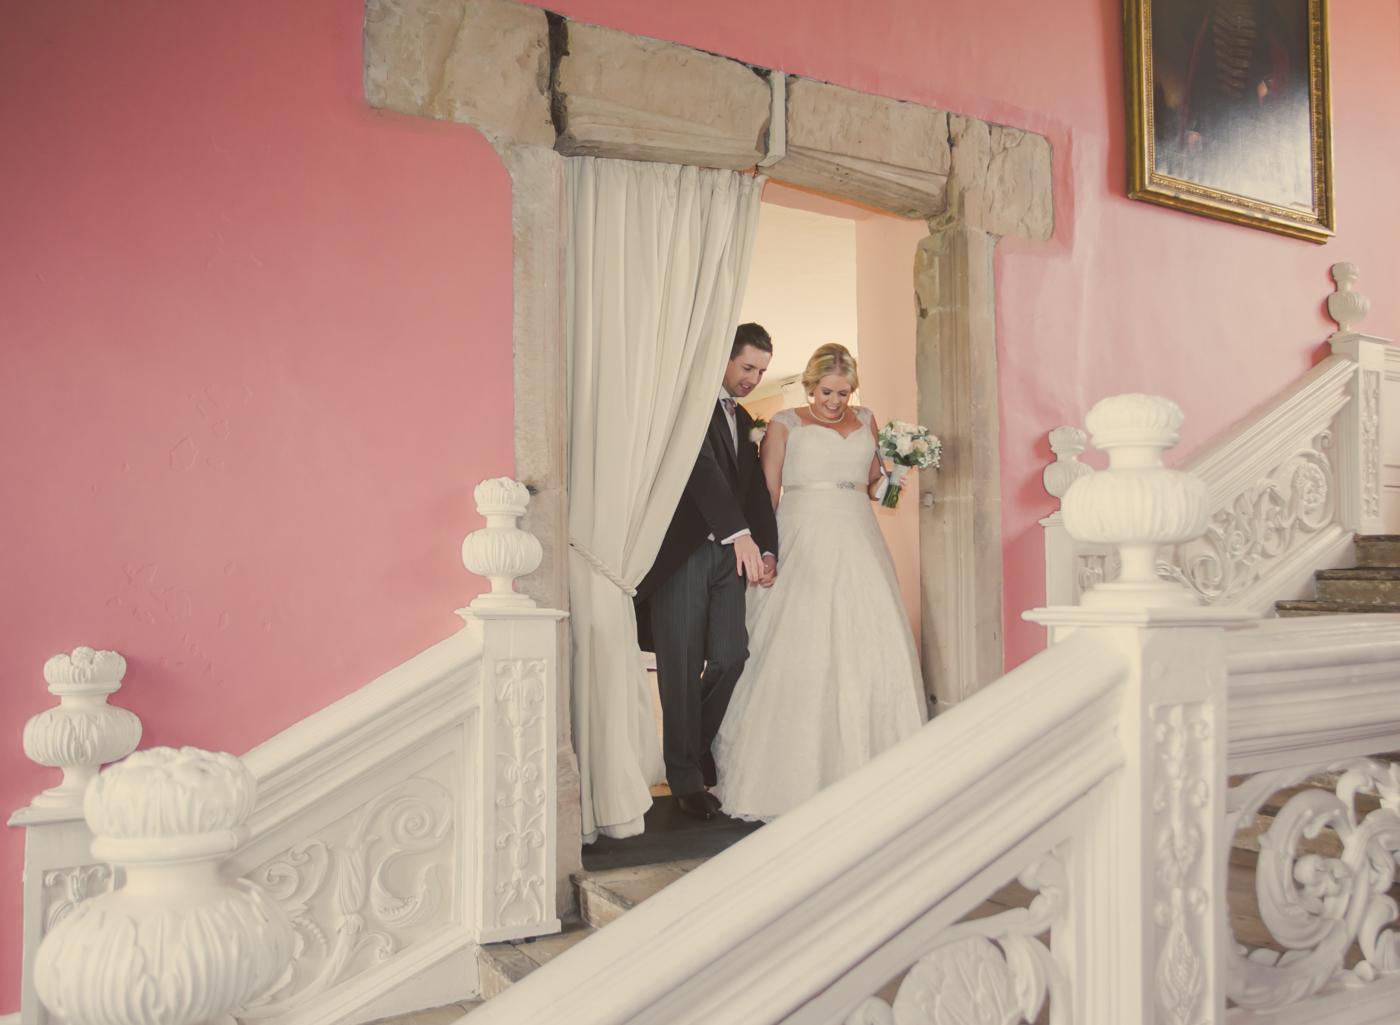 081 - Chloe and Ryan - Wedding Photography at Holme Pierrepont Hall by Mark Pugh www.markpugh.com.jpg